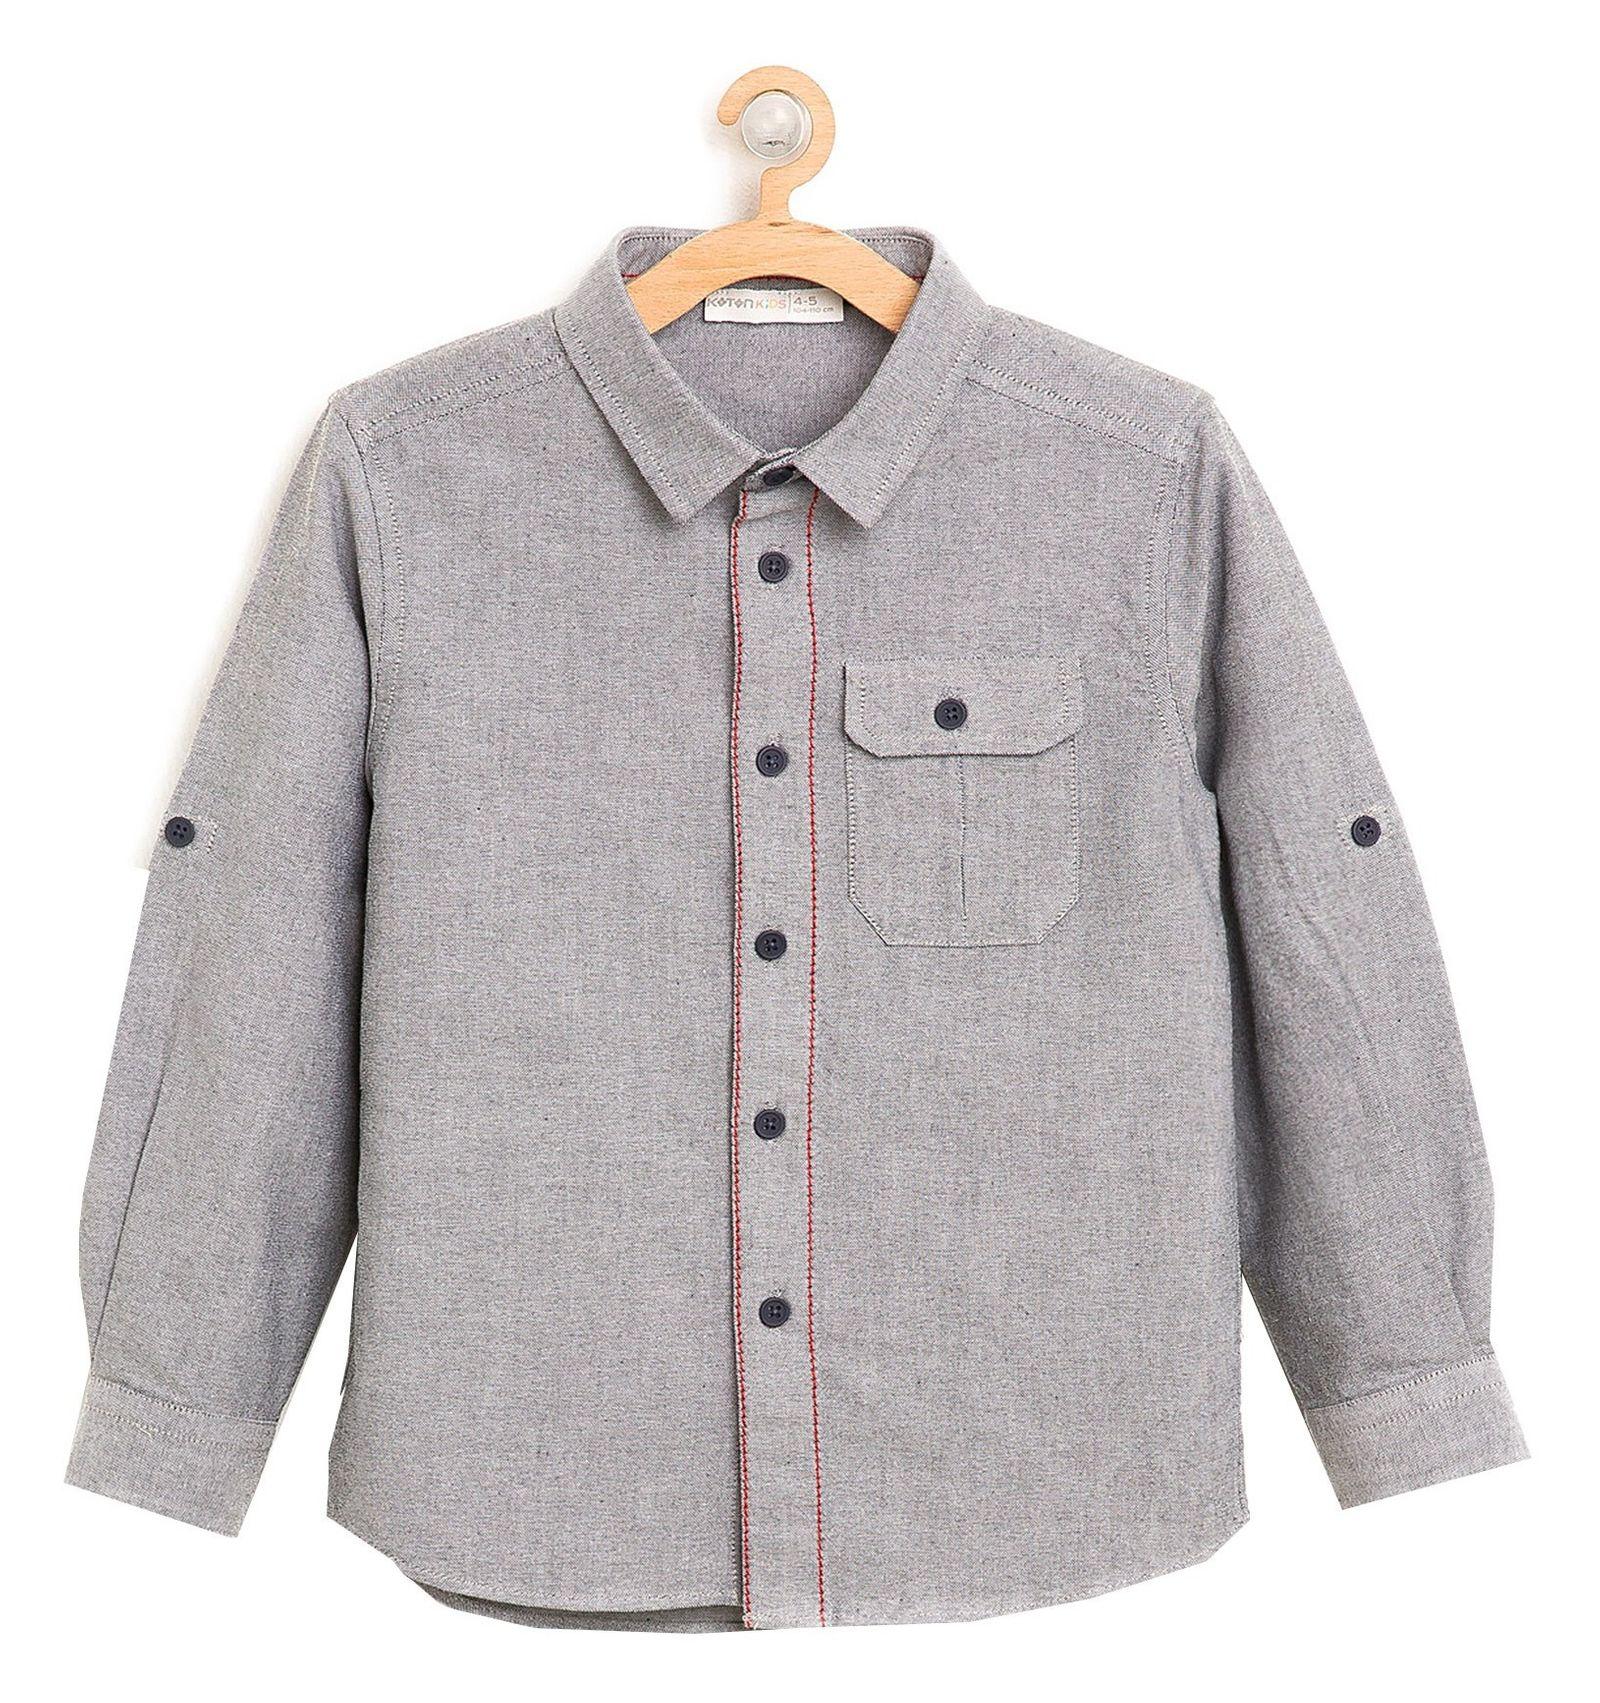 پیراهن نخی آستین بلند پسرانه - کوتون - طوسي - 1